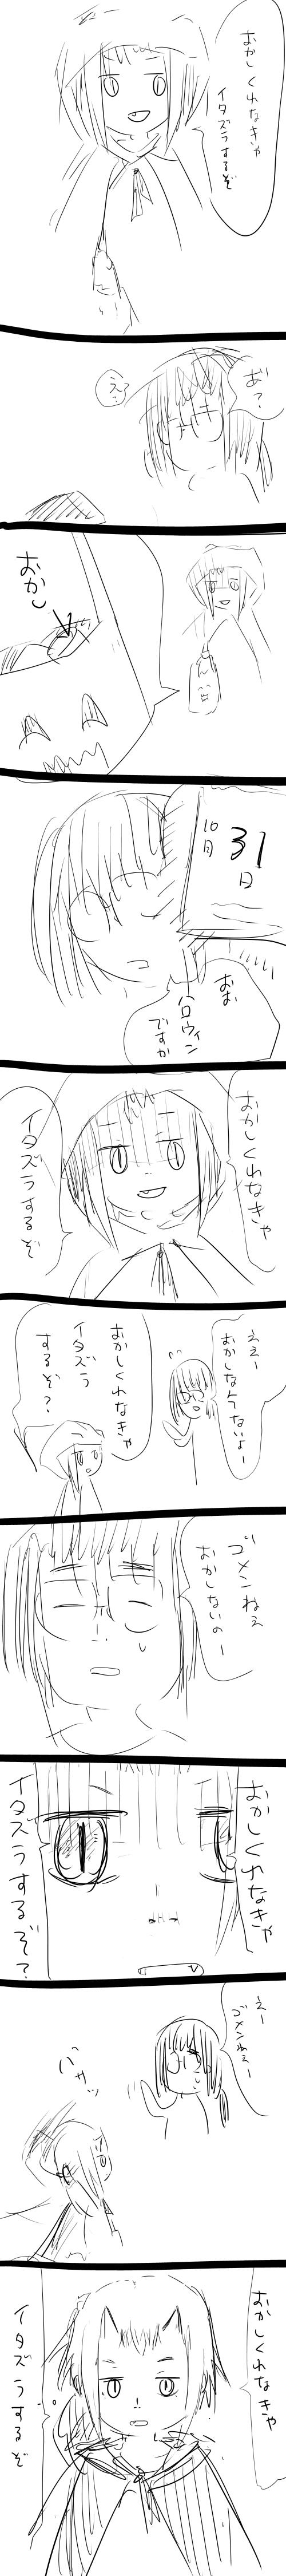 ハッピーホラーハロウィン2